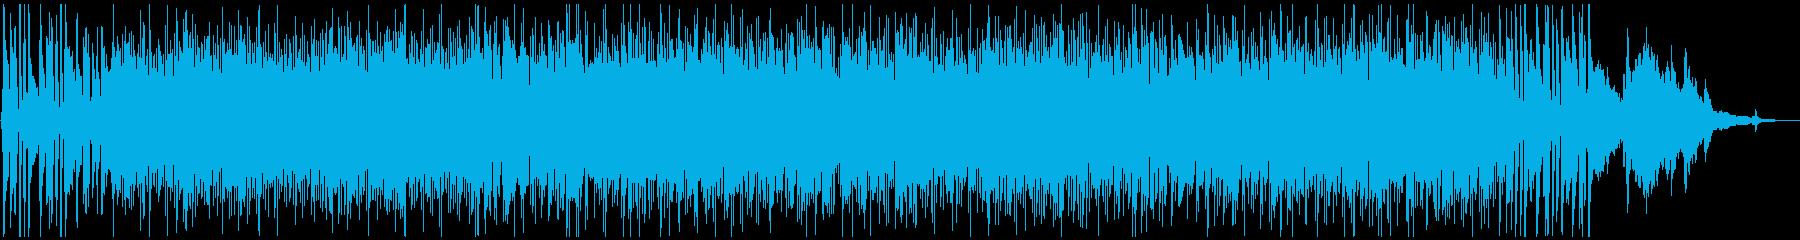 ピアノお洒落で軽快でエレガントなボサノバの再生済みの波形